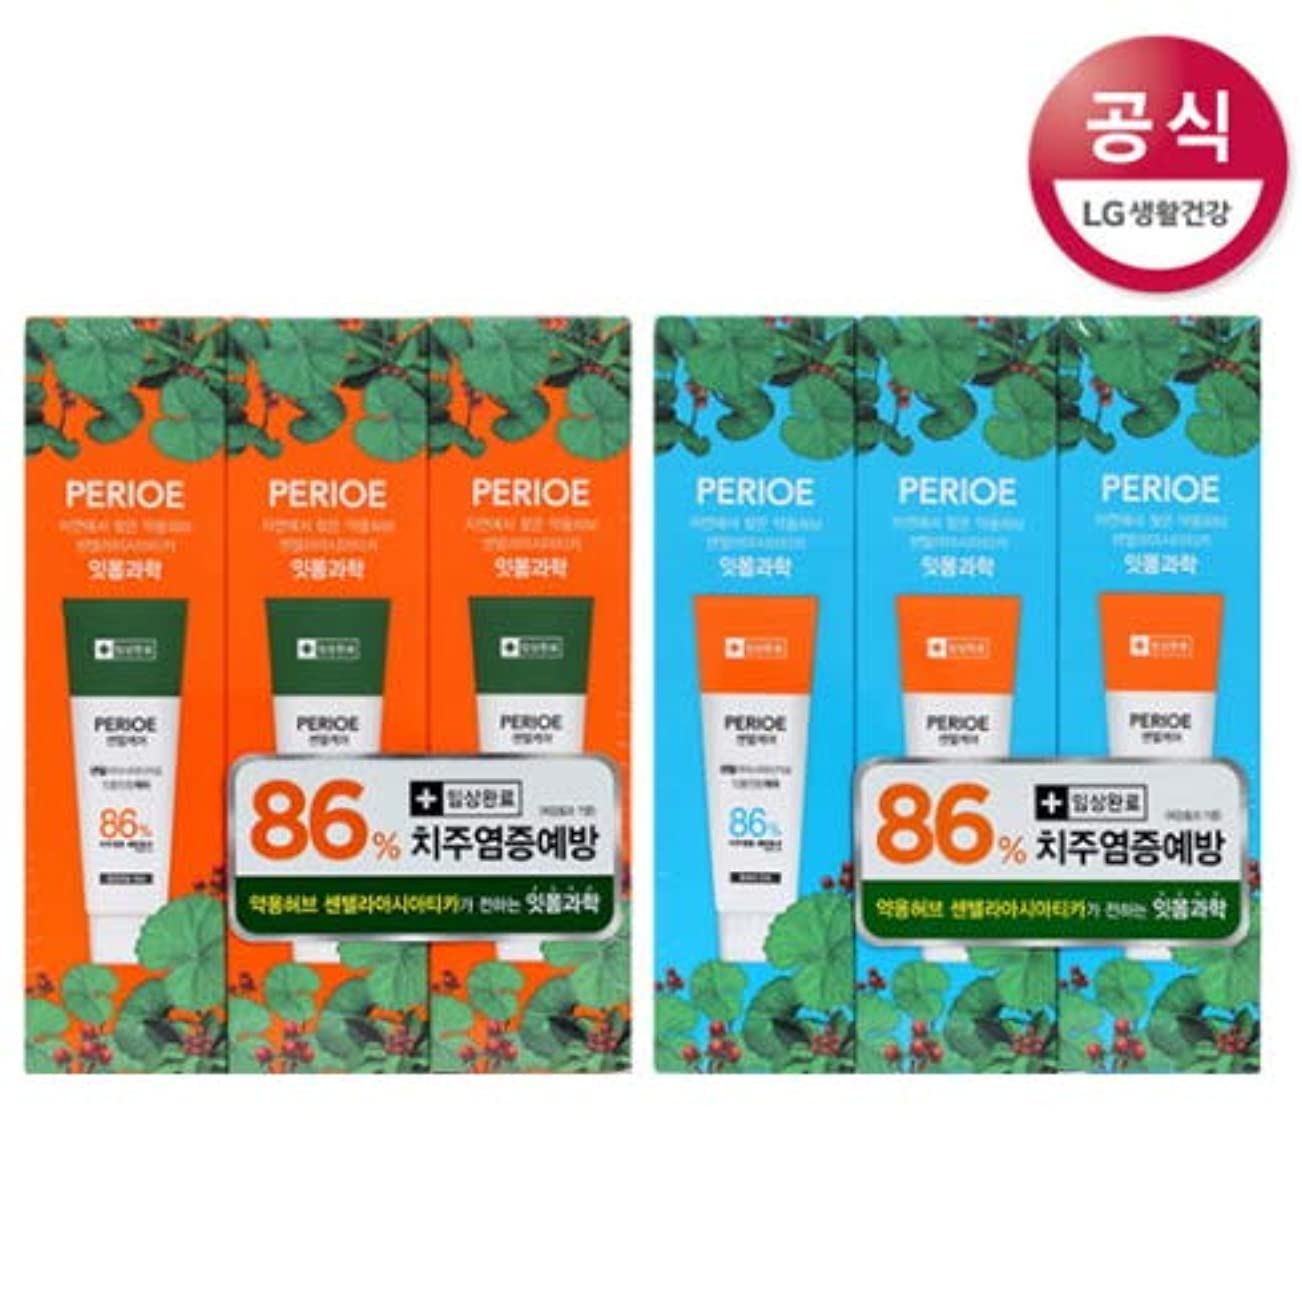 租界リサイクルするビジネス[LG HnB] Perio centel care toothpaste/ペリオセンテルケア歯磨き粉 100gx6個(海外直送品)